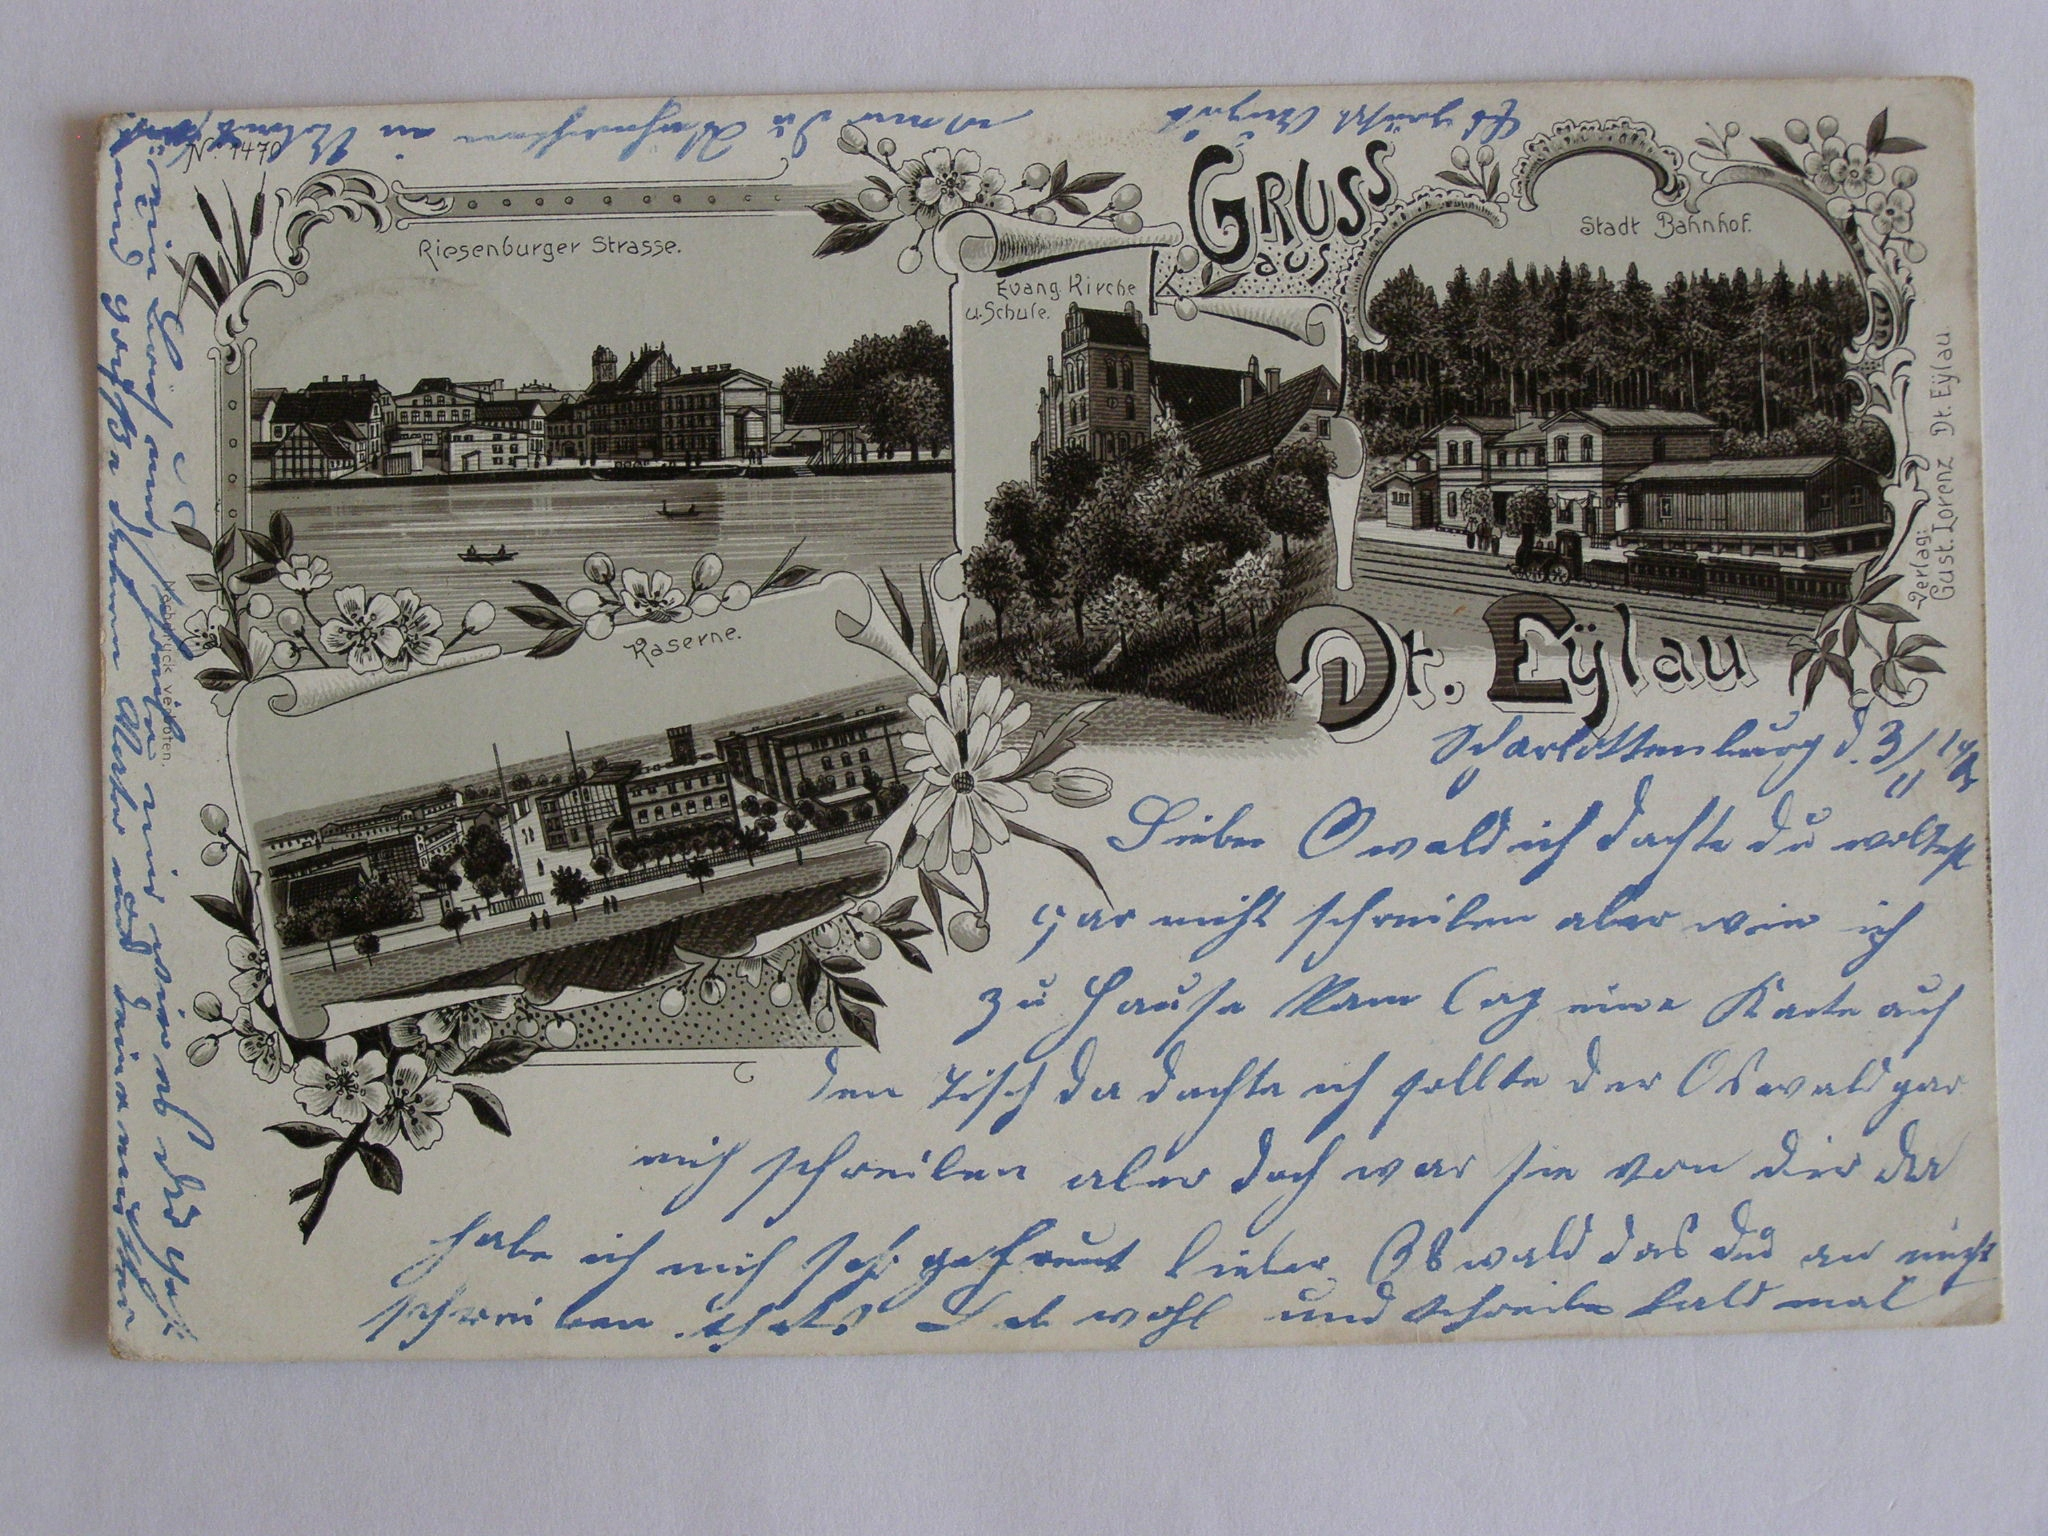 Ilawa Dt. Железнодорожный вокзал Эйлау Оструда город 1901 литс